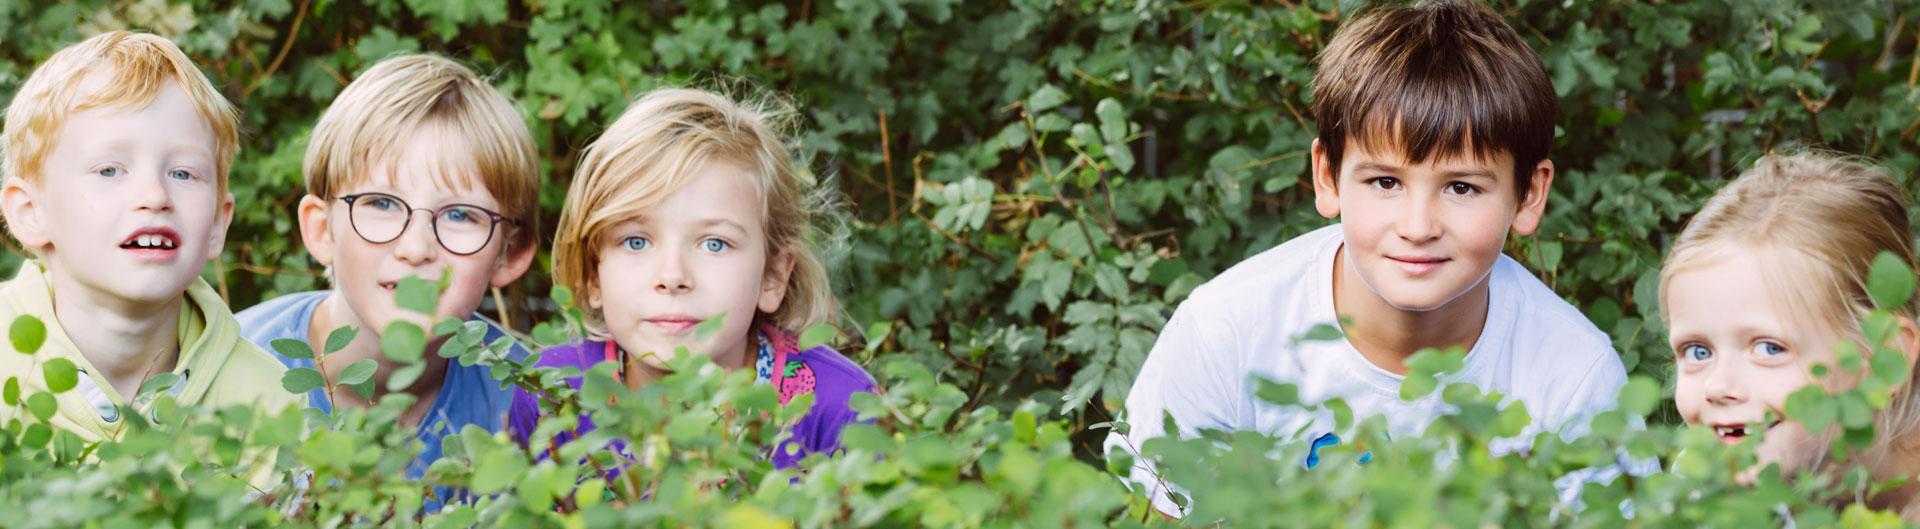 5 Kinder verstecken sich hinter einer Hecke